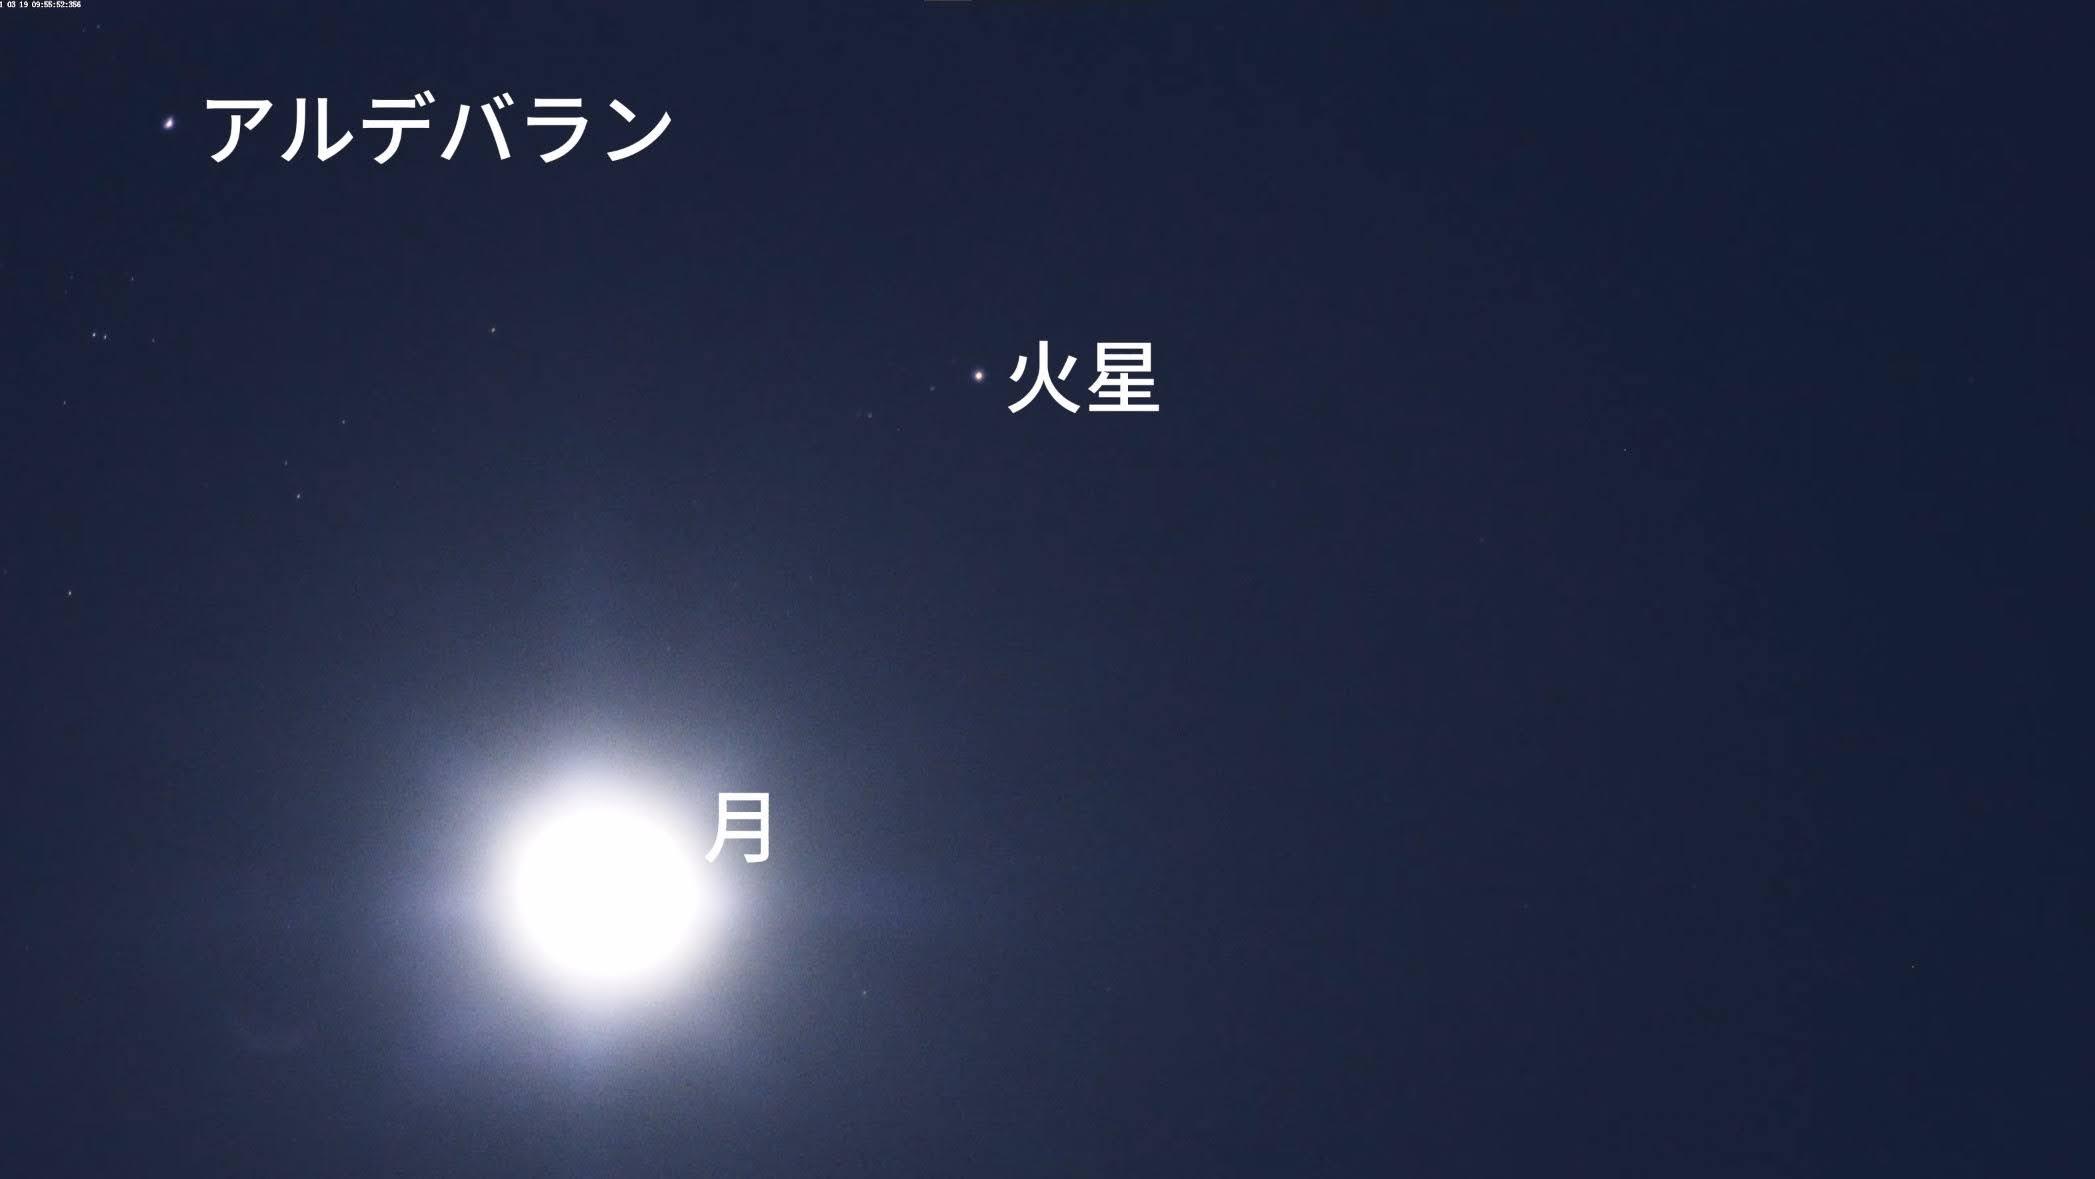 月と火星とアルデバランの3ショットの横を国際宇宙ステーション(ISS)が通過【天体ショー】